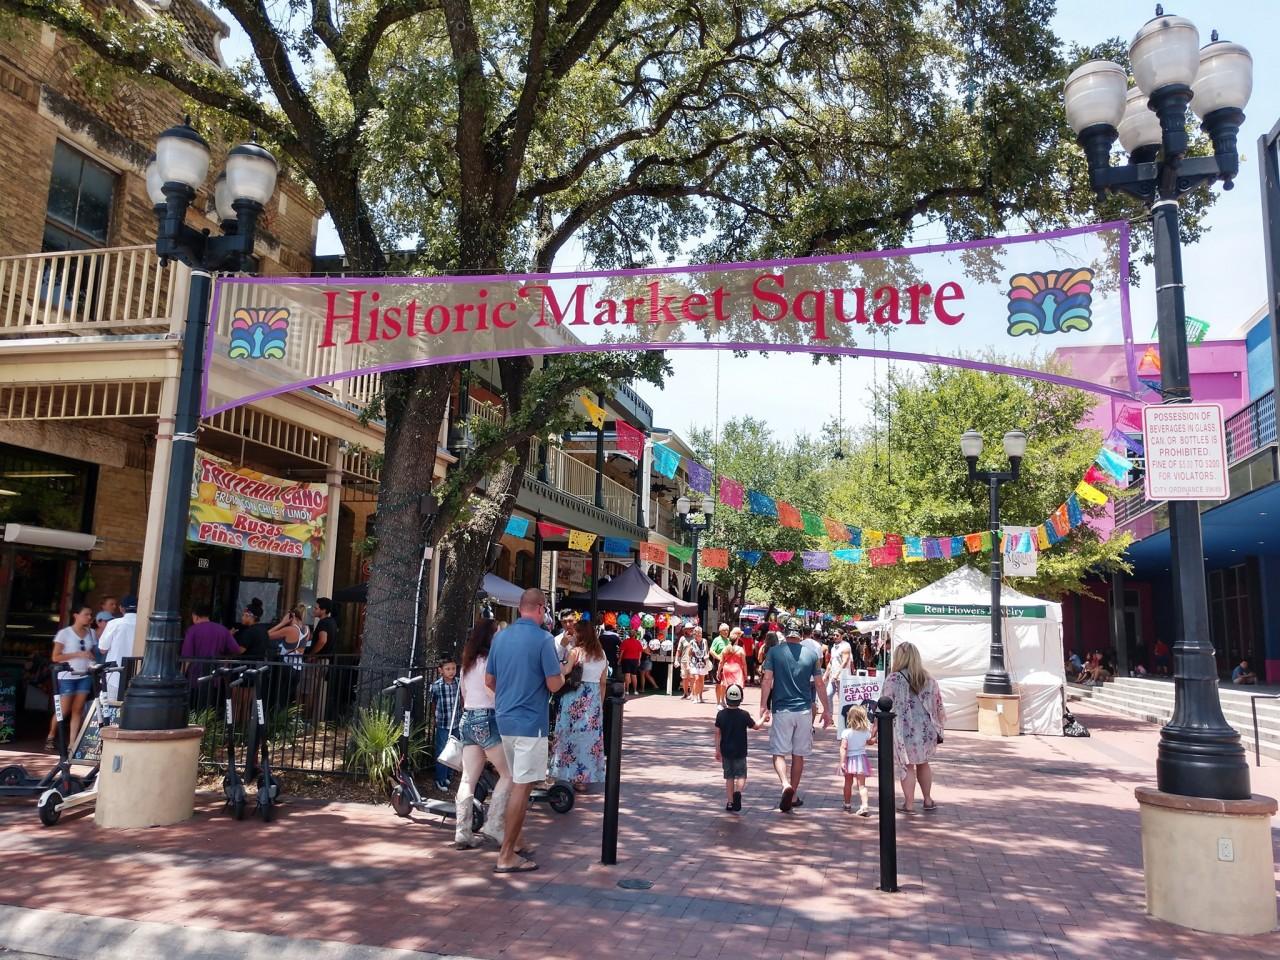 Historic Market Square(ヒストリック・マーケット・スクエア)